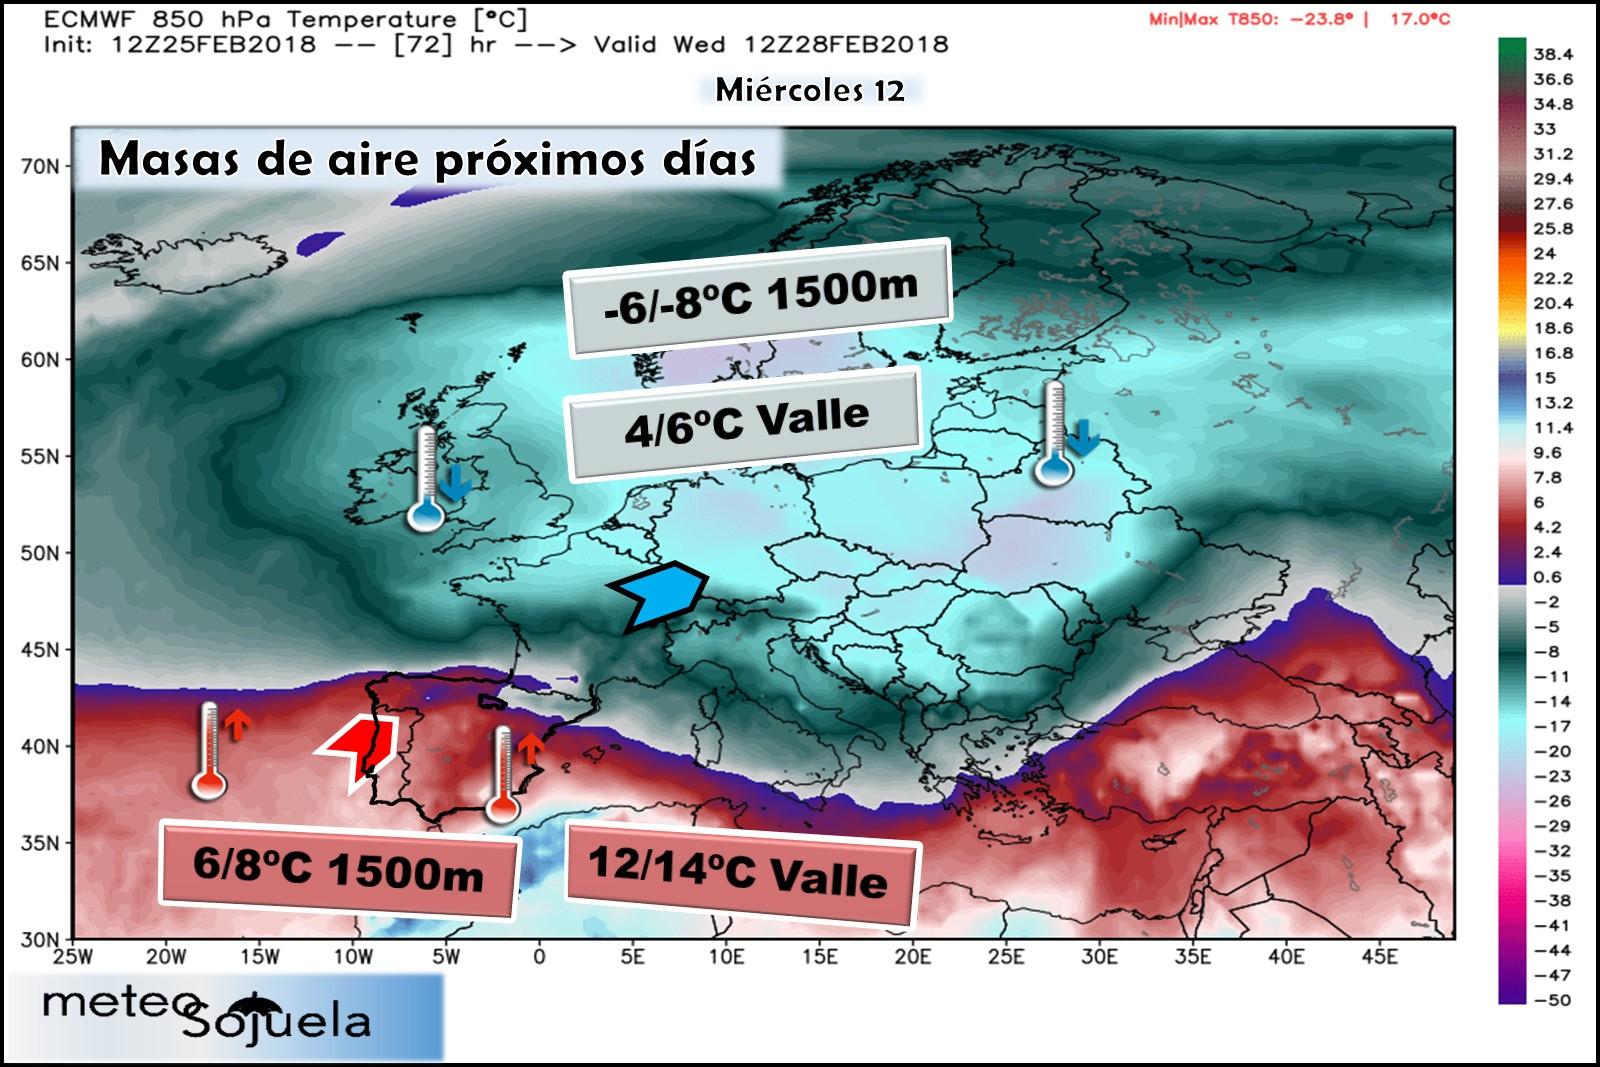 Modelos meteorológicos de altura geopotencial a 850hPa